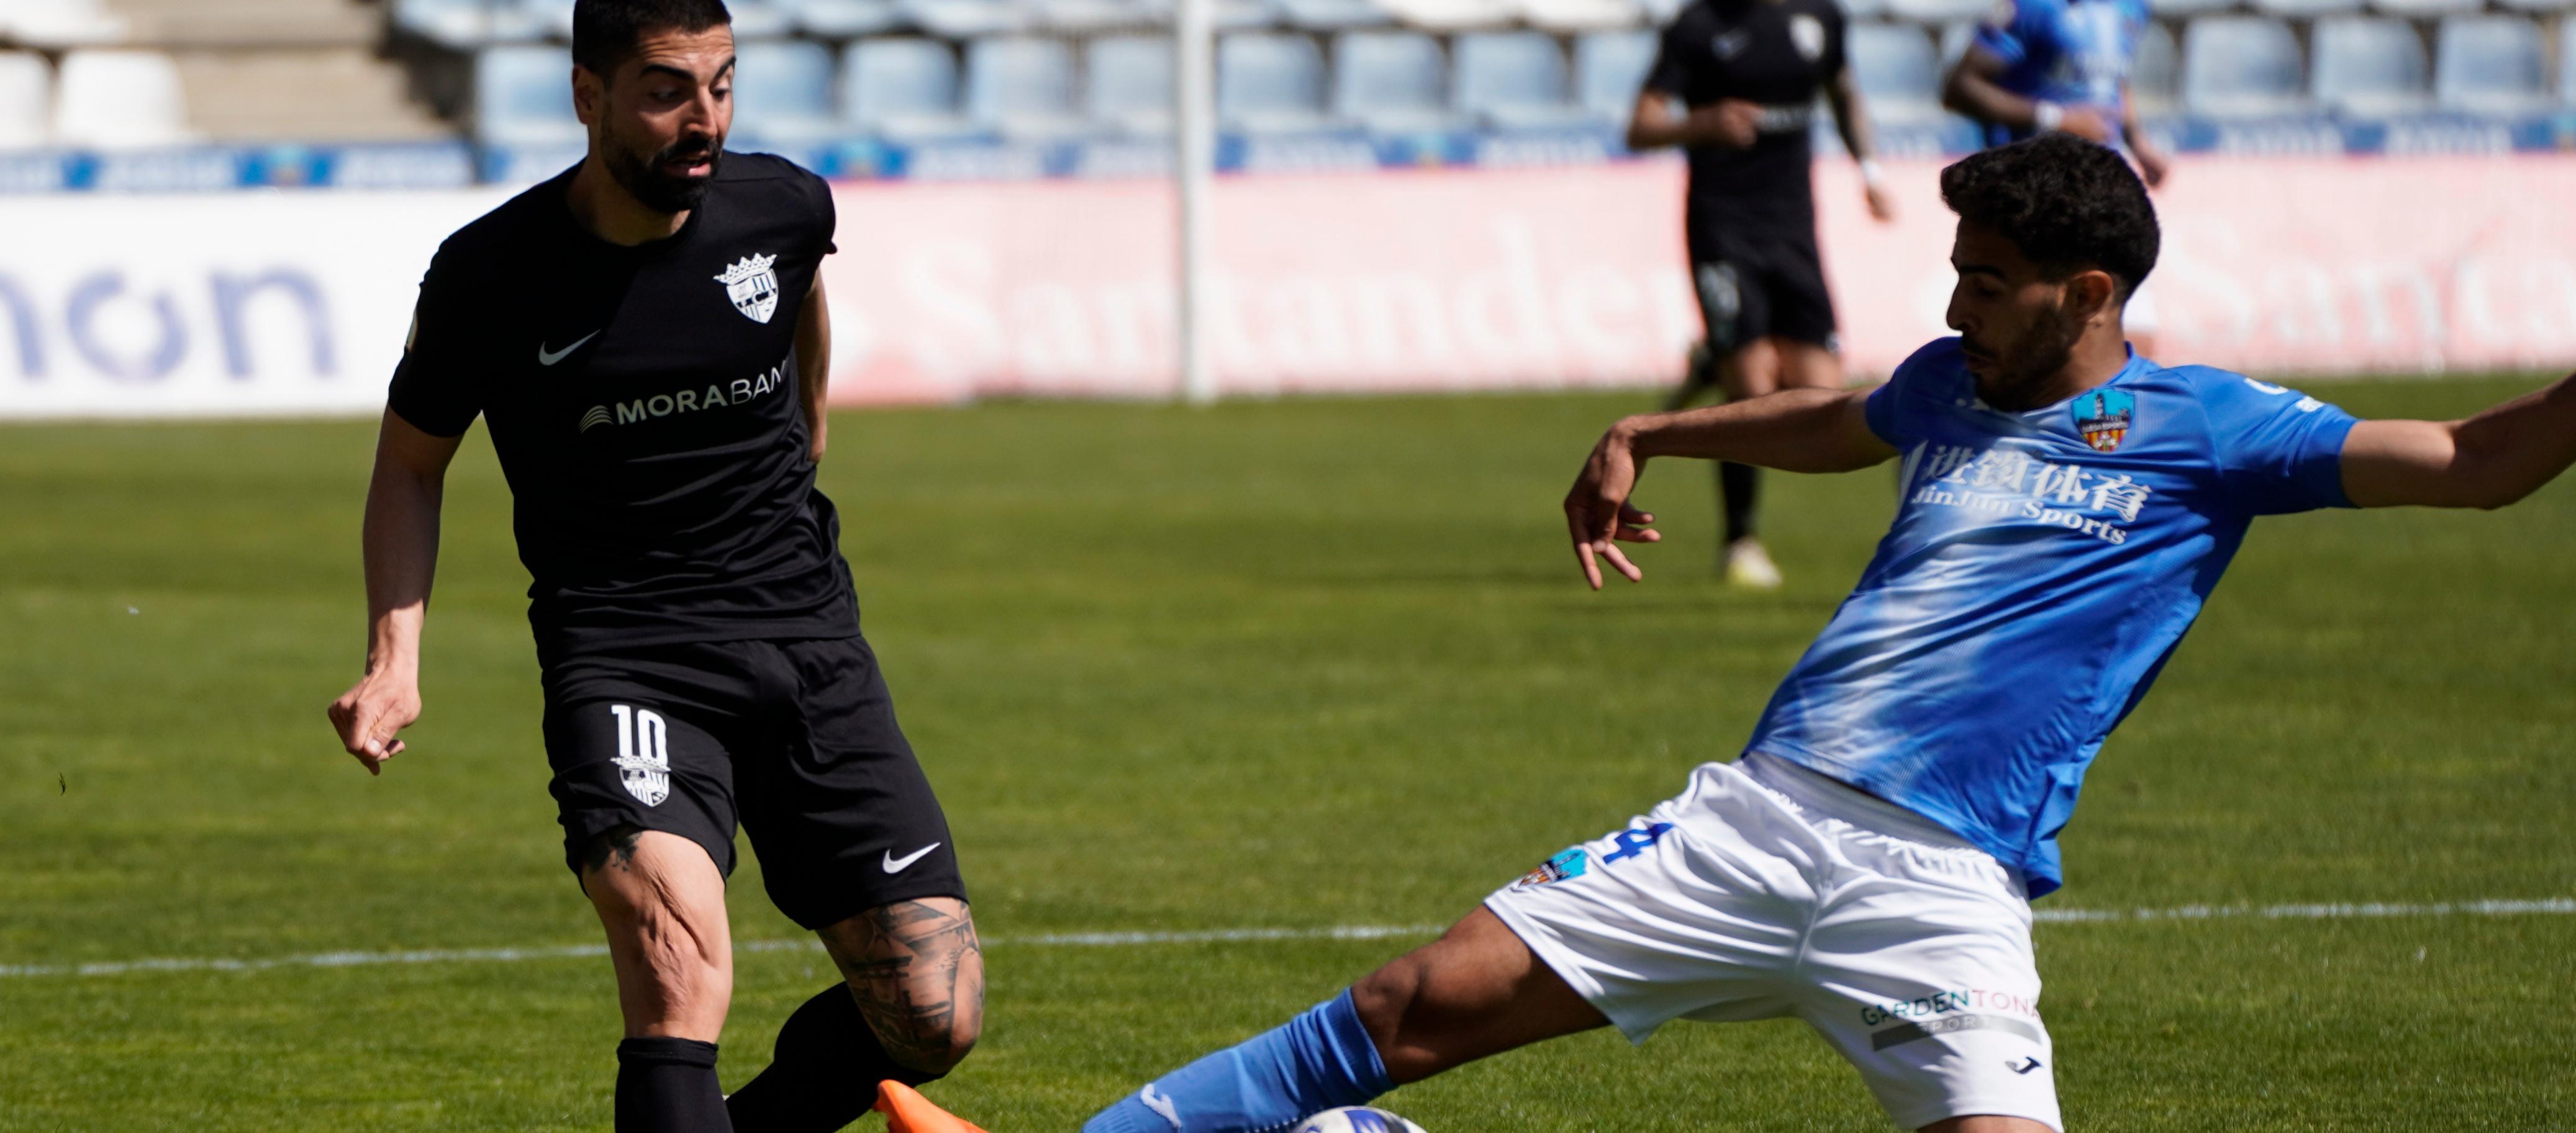 Resum i gols de la jornada 22 de Segona Divisió 'B' (Grup 3A)